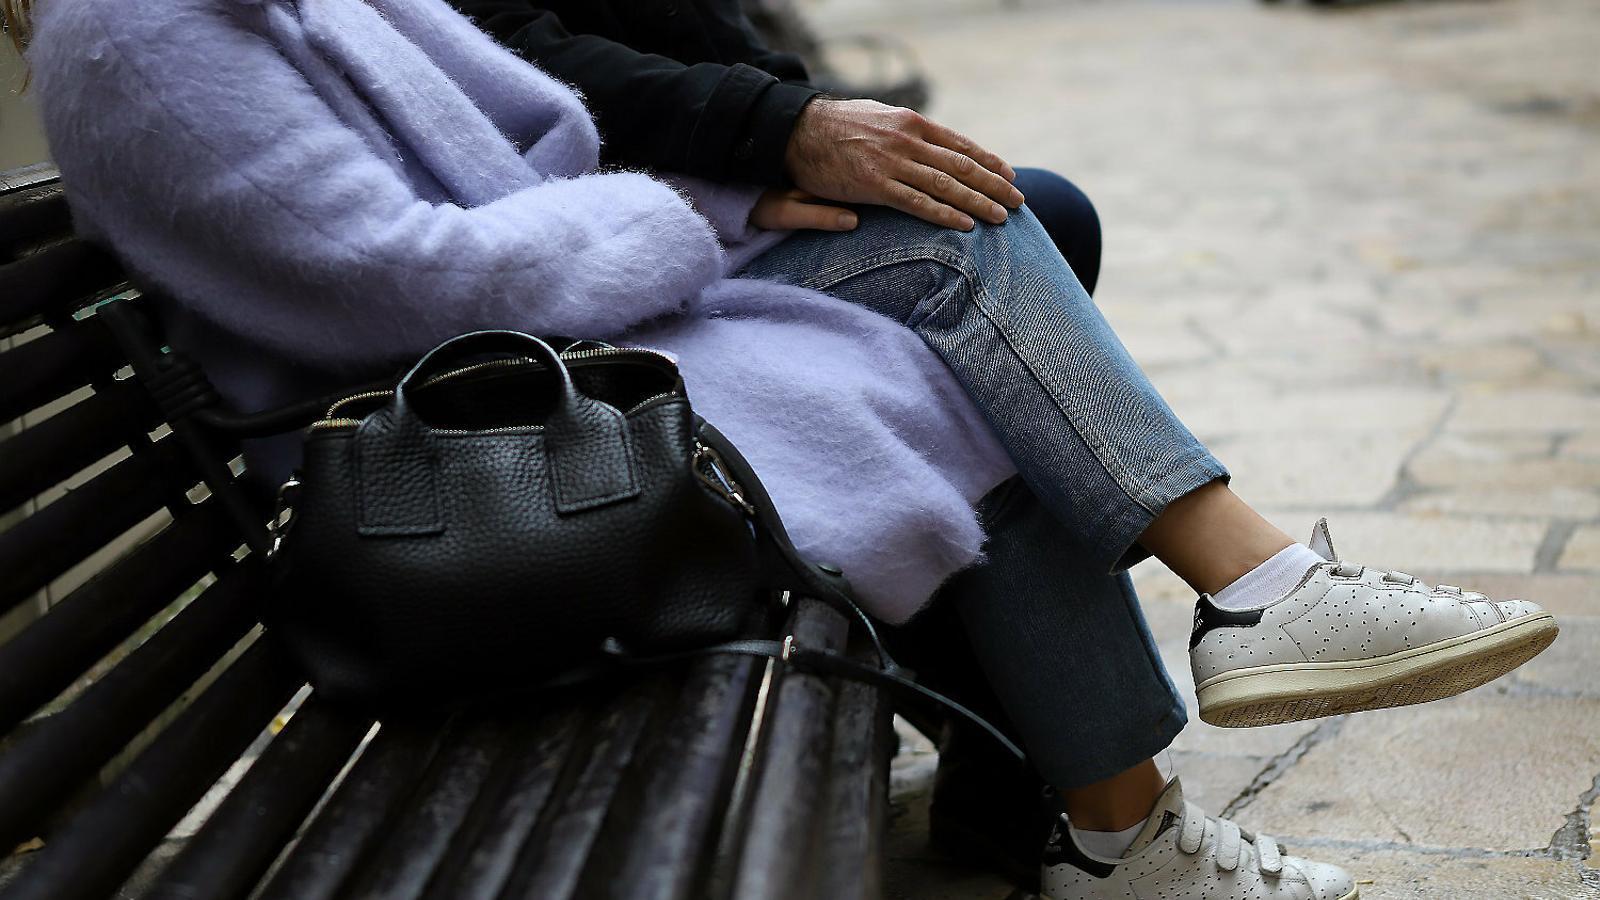 Un centenar d'illencs cerquen mantenir al·lotes a canvi de sexe